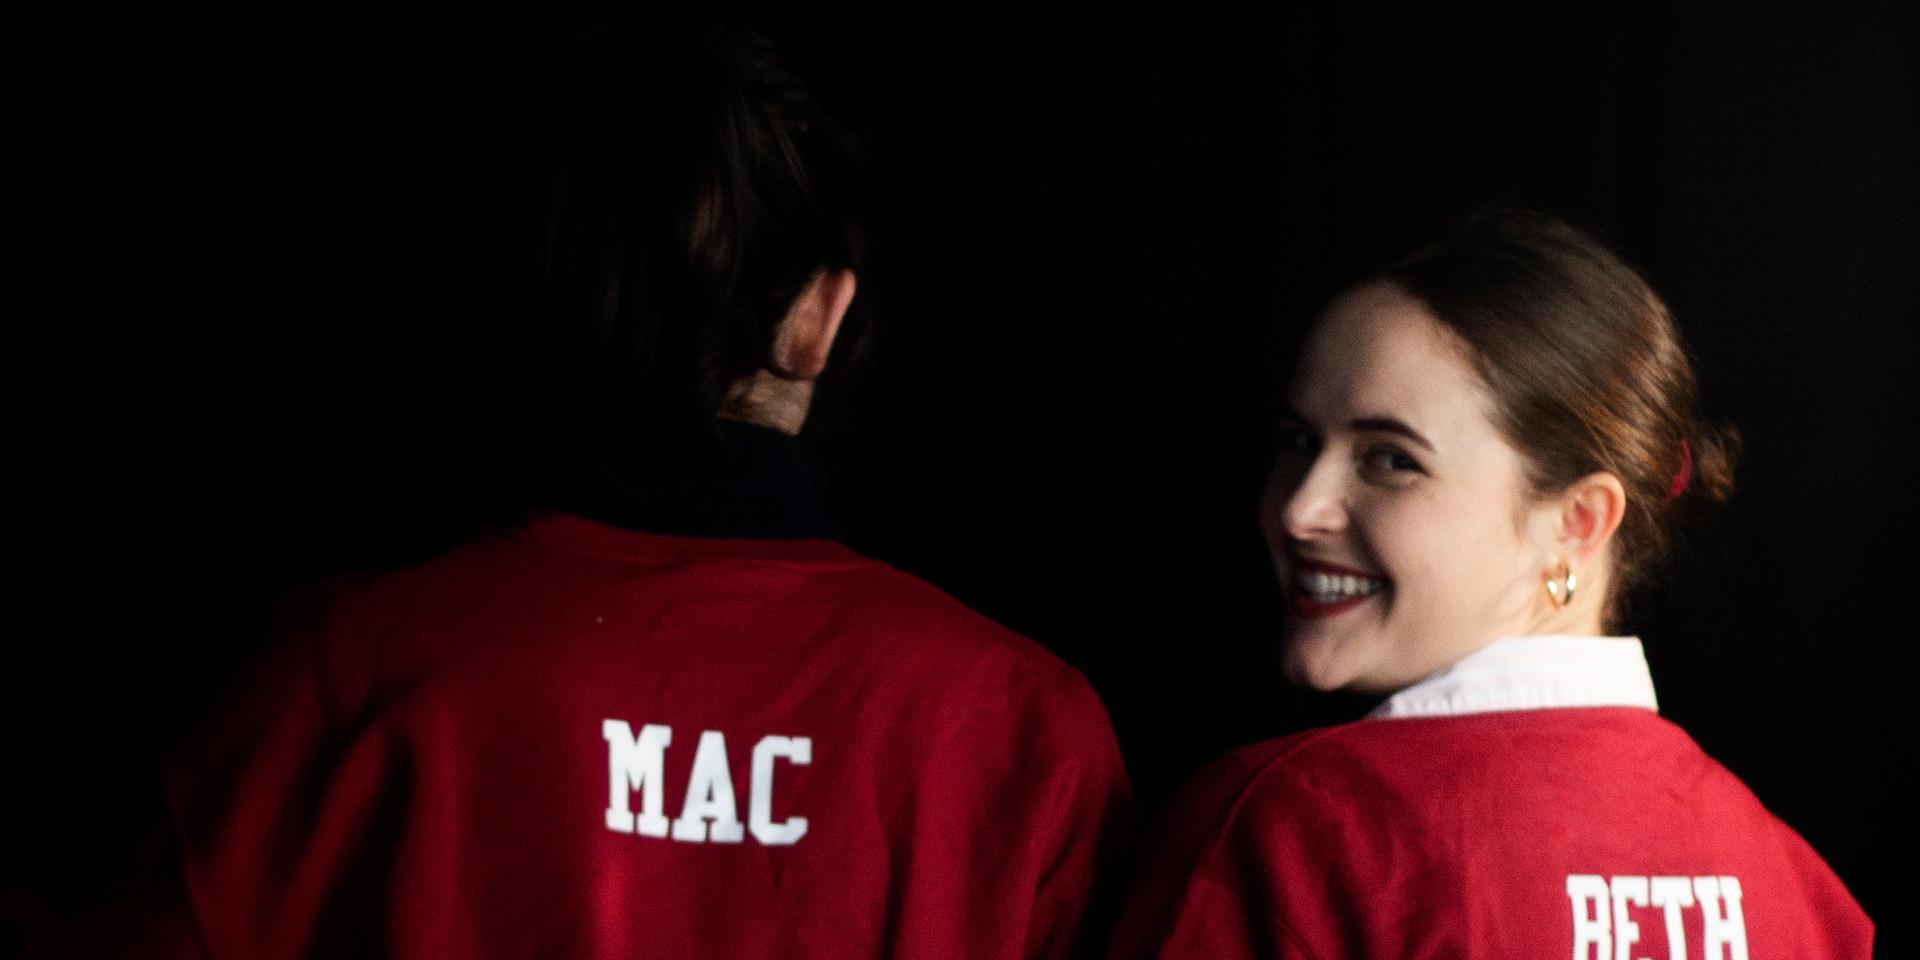 Mac/Beth-2019